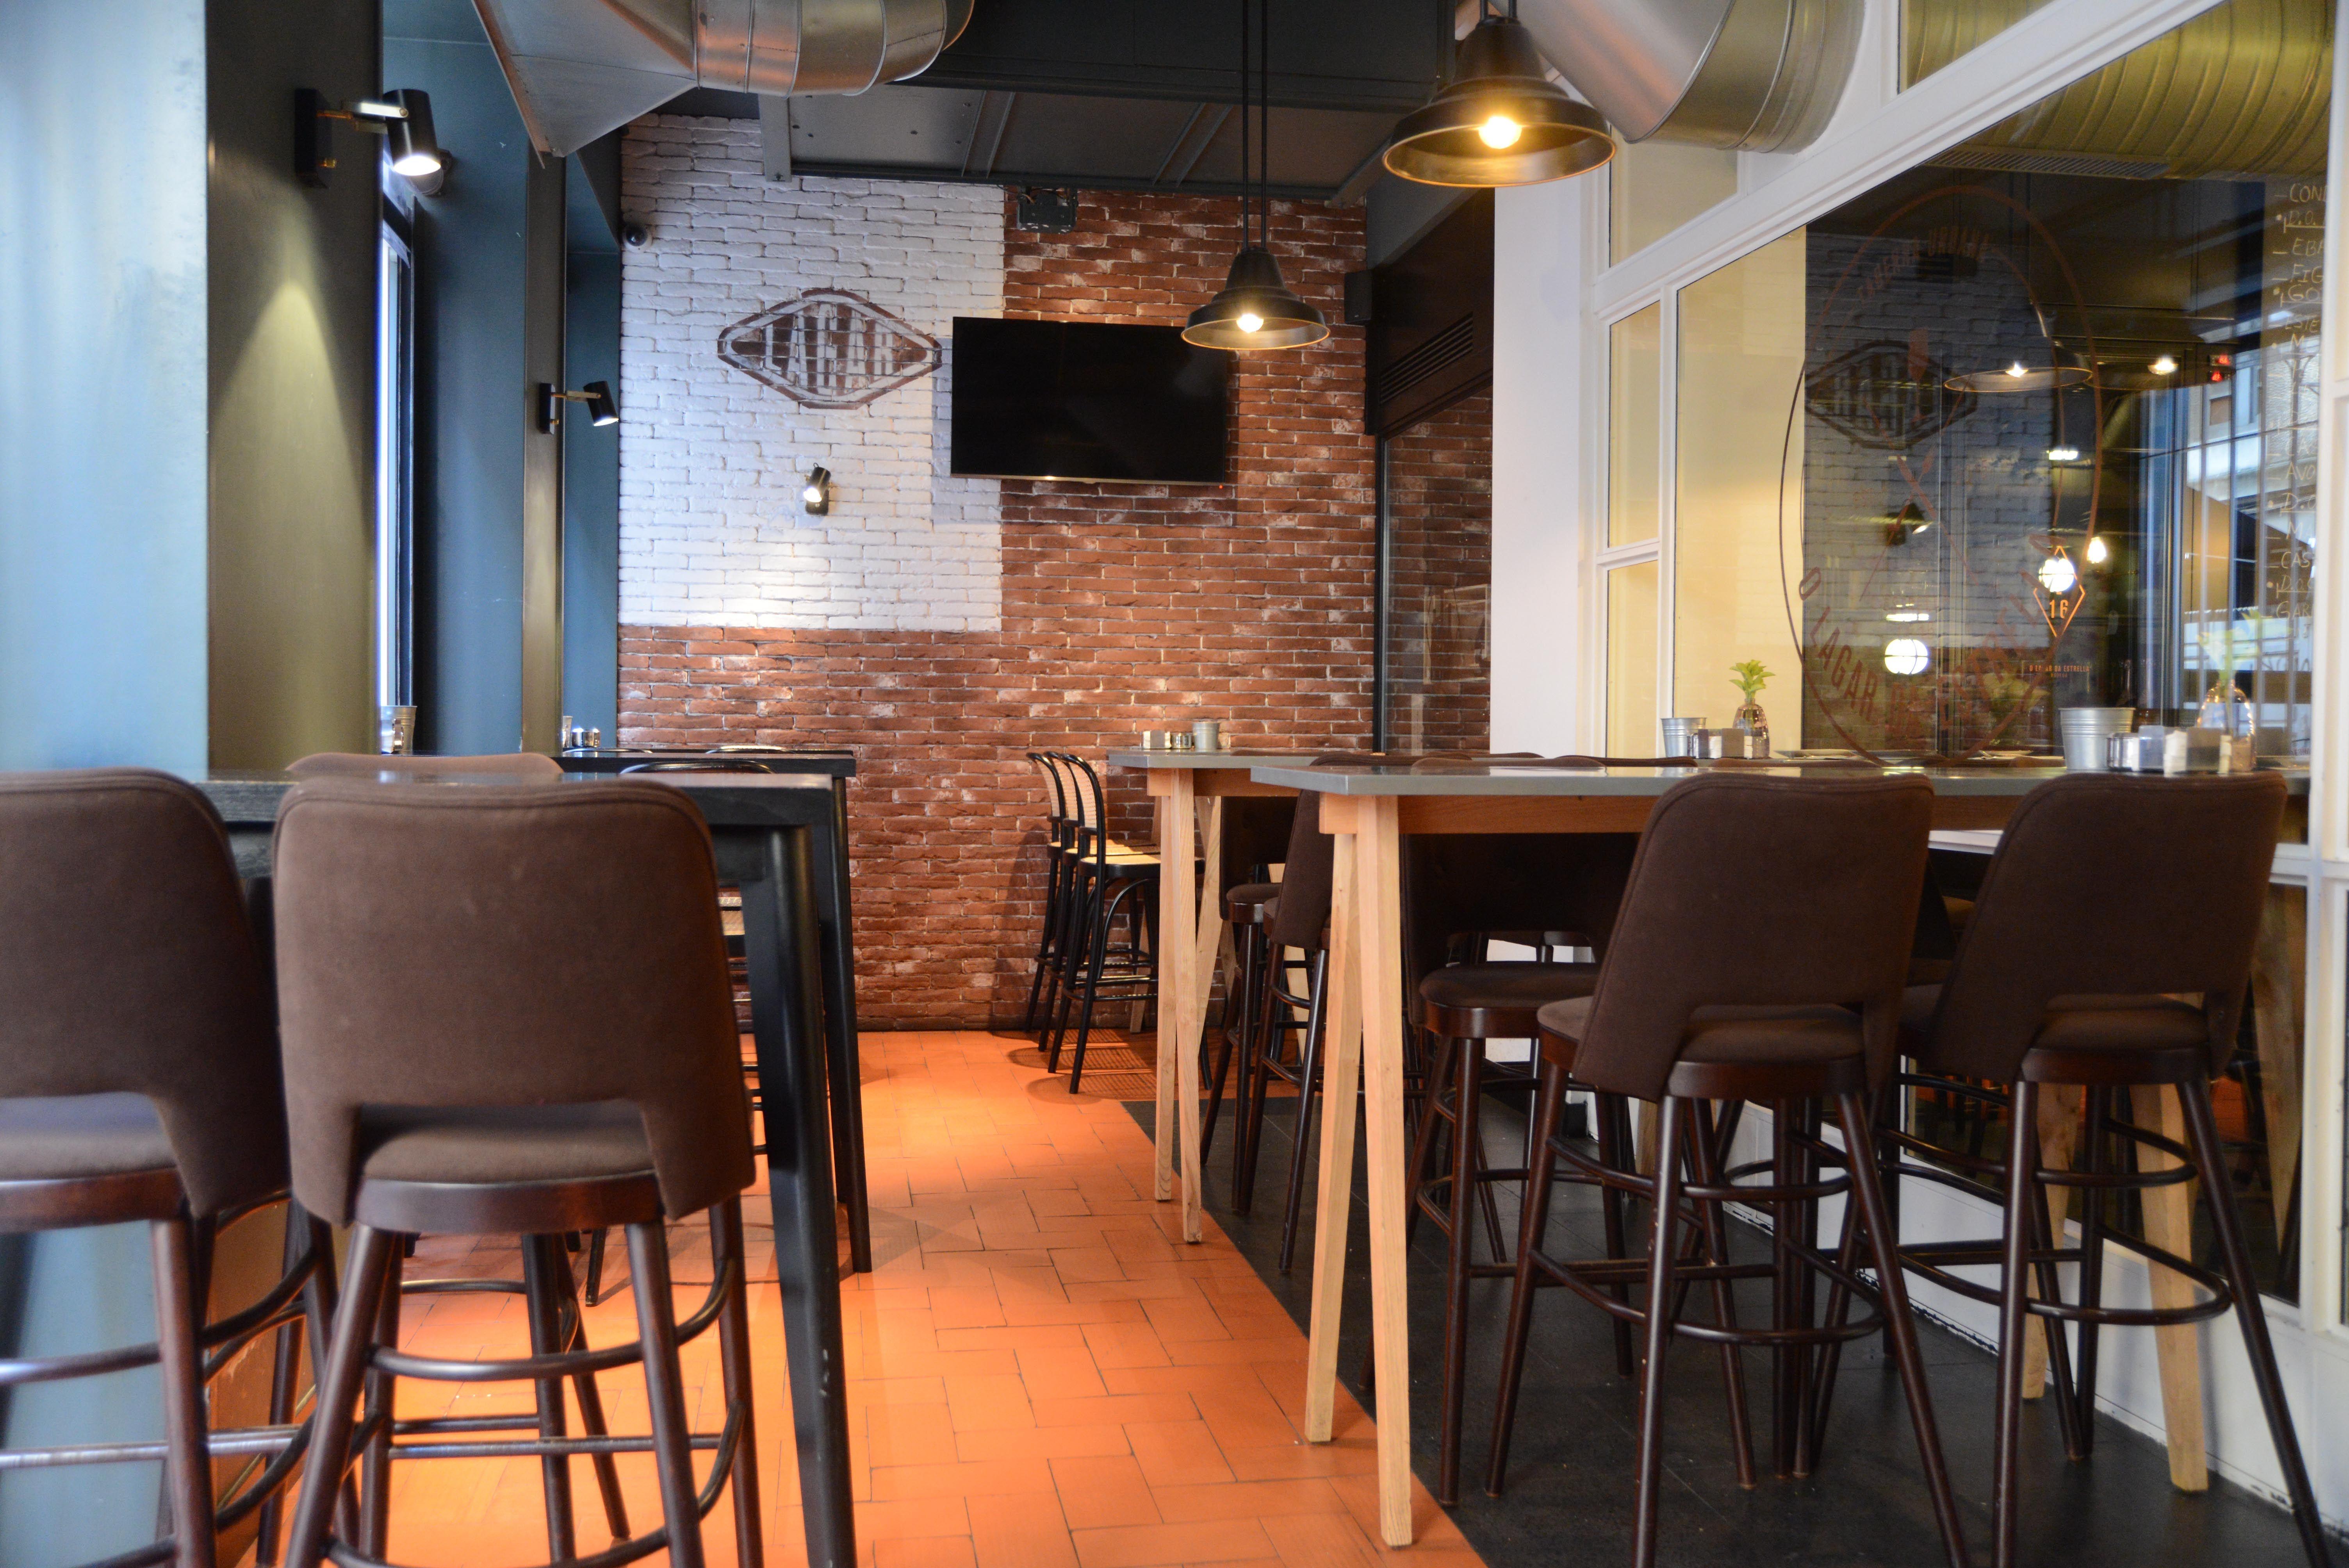 Foto 3 de Restaurante en A Coruña | O Lagar da Estrella